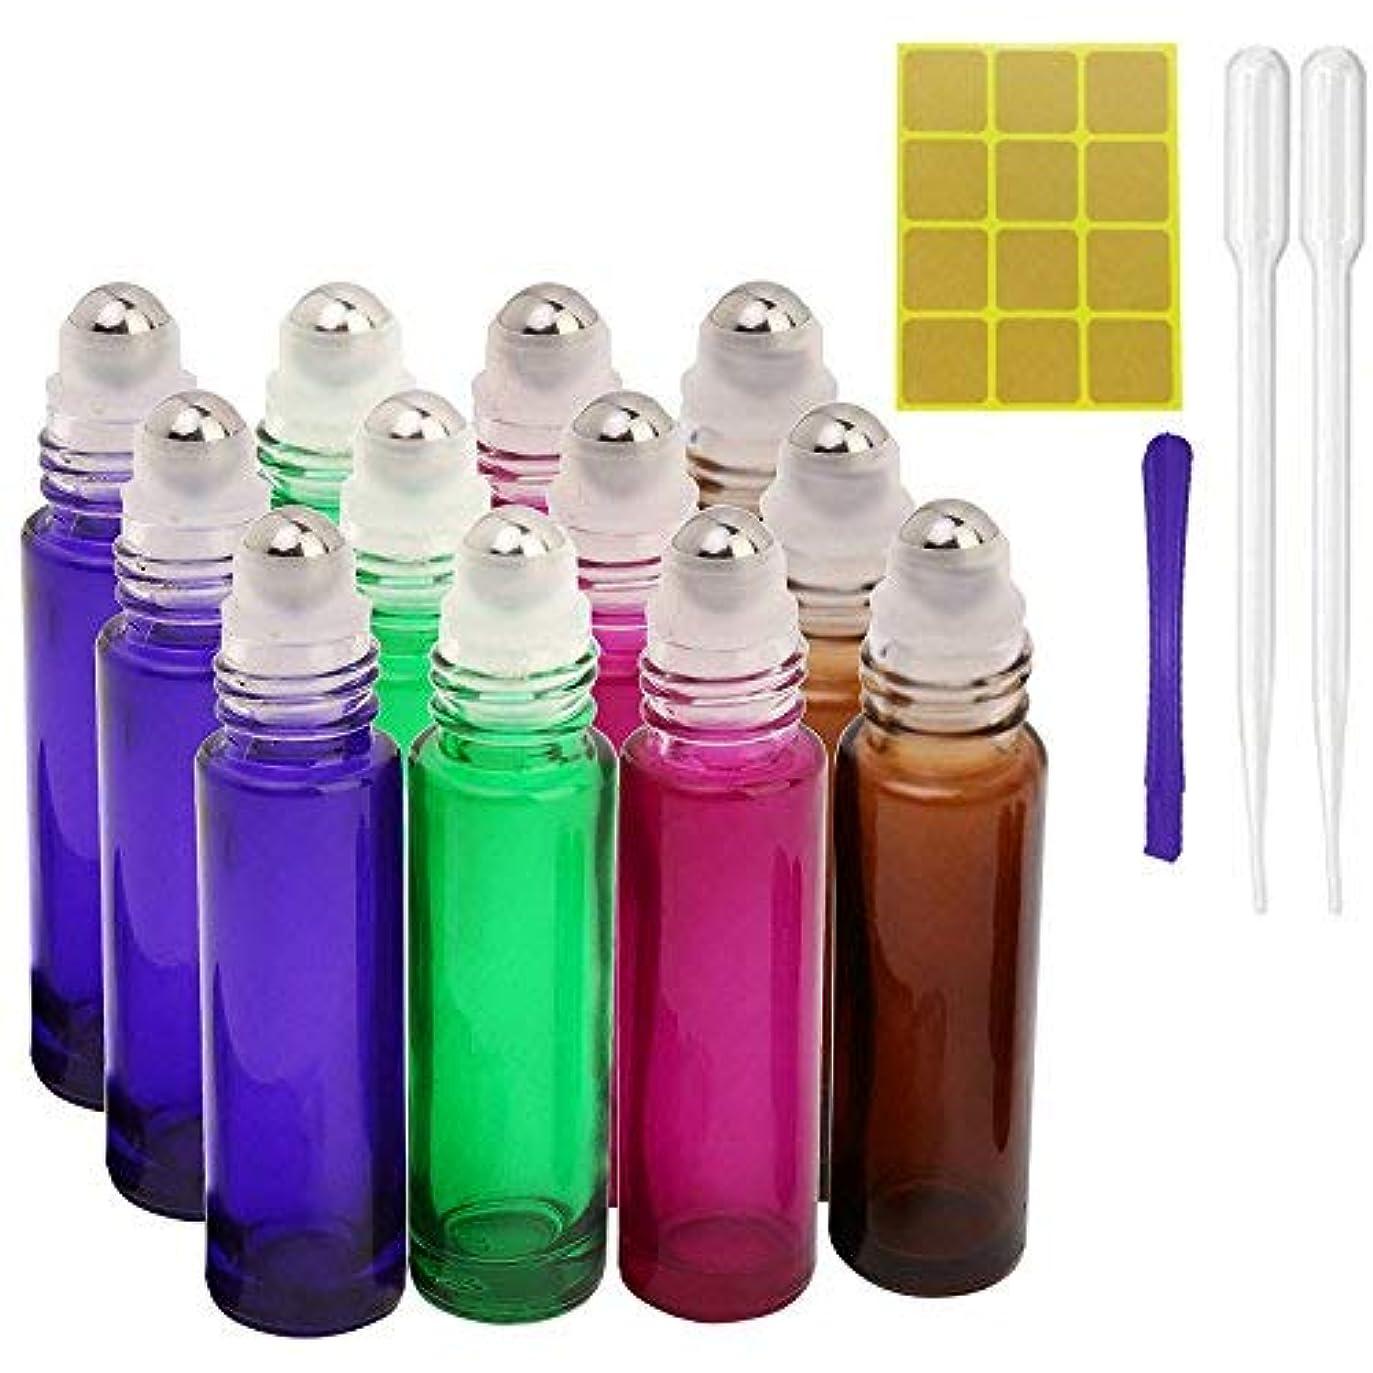 請願者オープナーチキン12, 10ml Roller Bottles for Essential Oils - Glass Refillable Roller on Bottles with 1 Opener, 2 Droppers, 24...